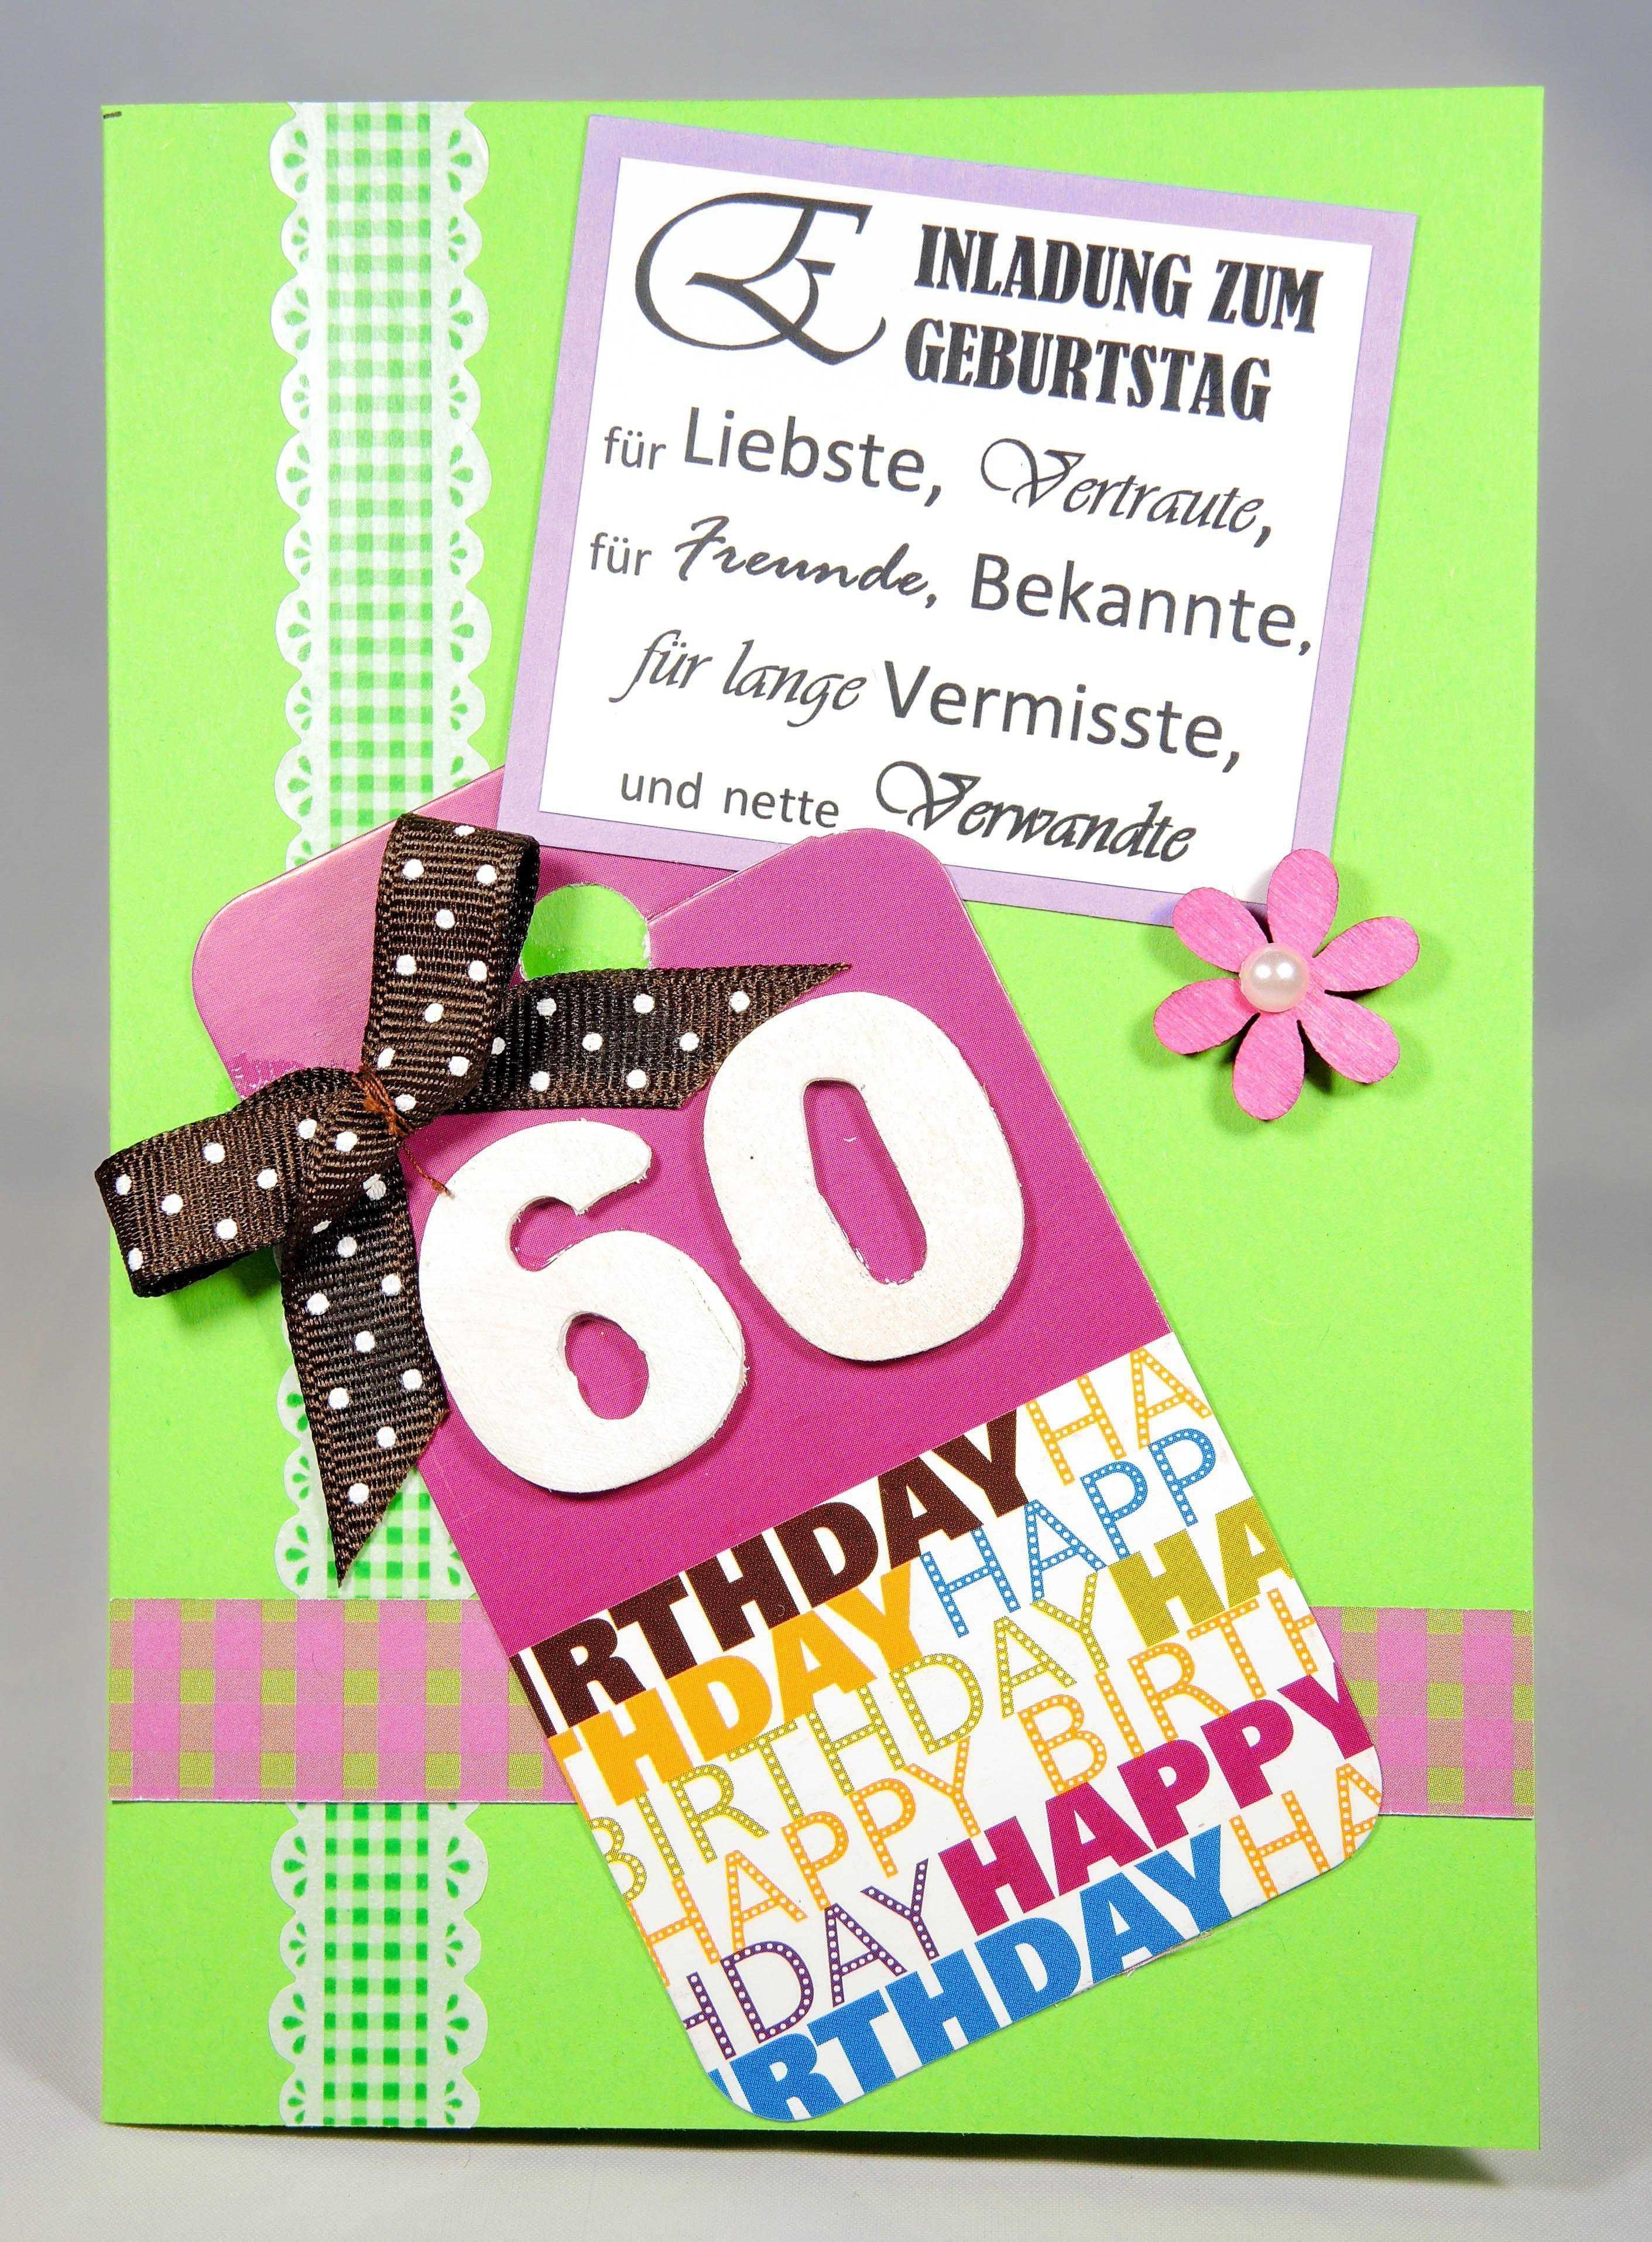 Einladungskarten Geburtstag Einladungskarten 60 Geburtstag Vorlage Einladung 60 Geburtstag Einladung Geburtstag Einladungskarten Geburtstag Selbst Gestalten